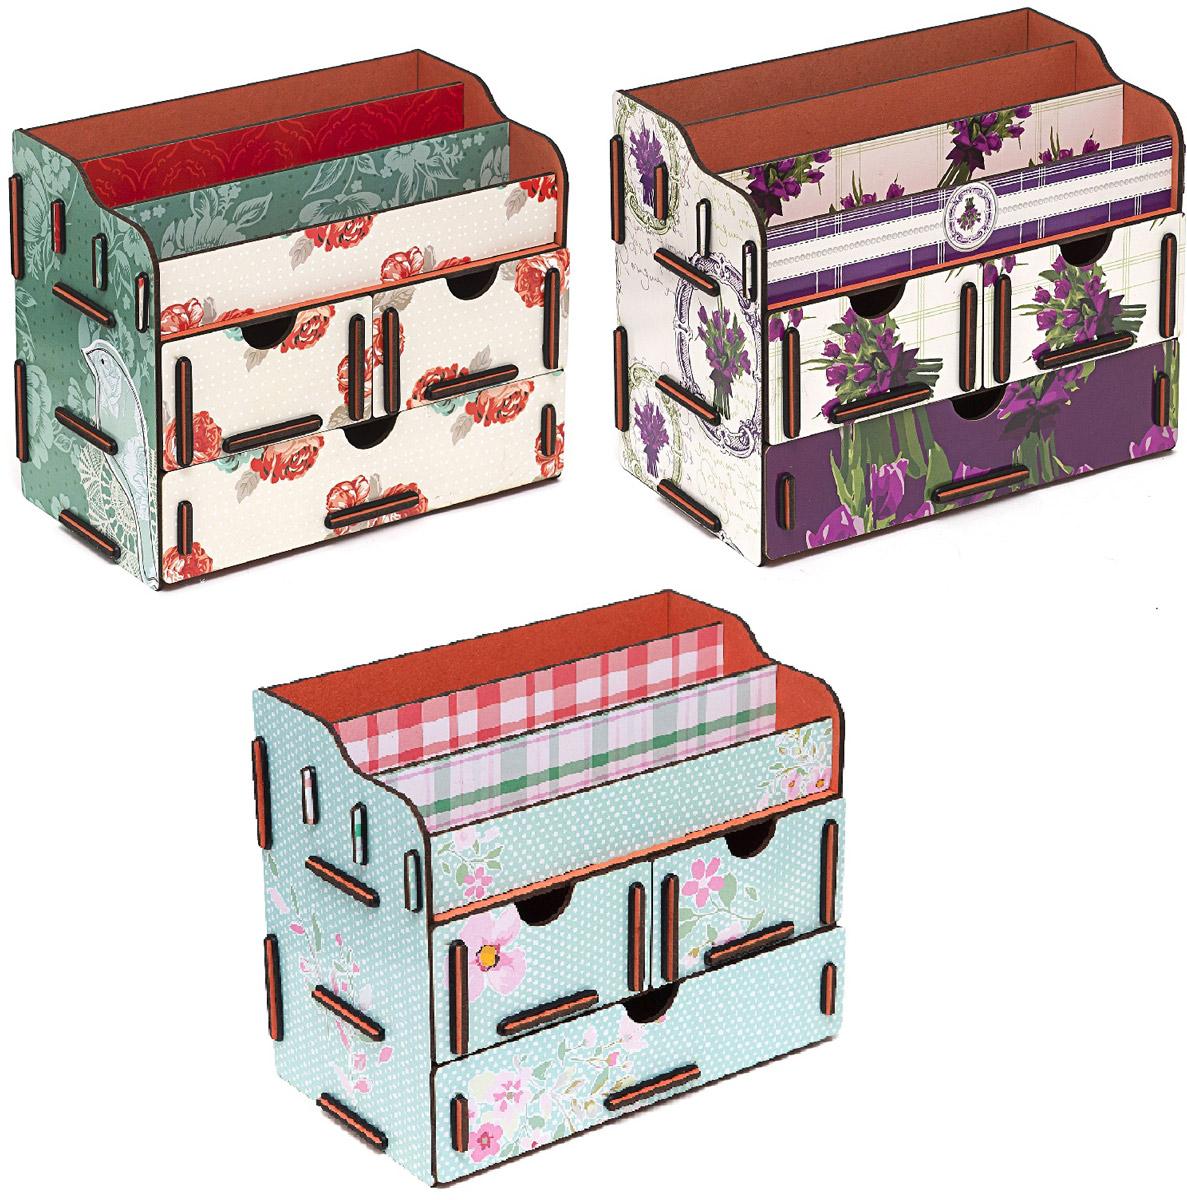 Набор шкатулок Homsu Тайна весенних бутонов, для украшений, 3 штDEN-06Набор Homsu Тайна весенних бутонов состоит из оригинальных шкатулок, выполненных из МДФ, и имеет множество полочек сверху для хранения косметики, парфюмерии и аксессуаров, а также ящички, которые позволят разместить в них все самое необходимое и сокровенное для каждой женщины. Шкатулочки можно поставить на стол, они станут отличным дополнением интерьера.